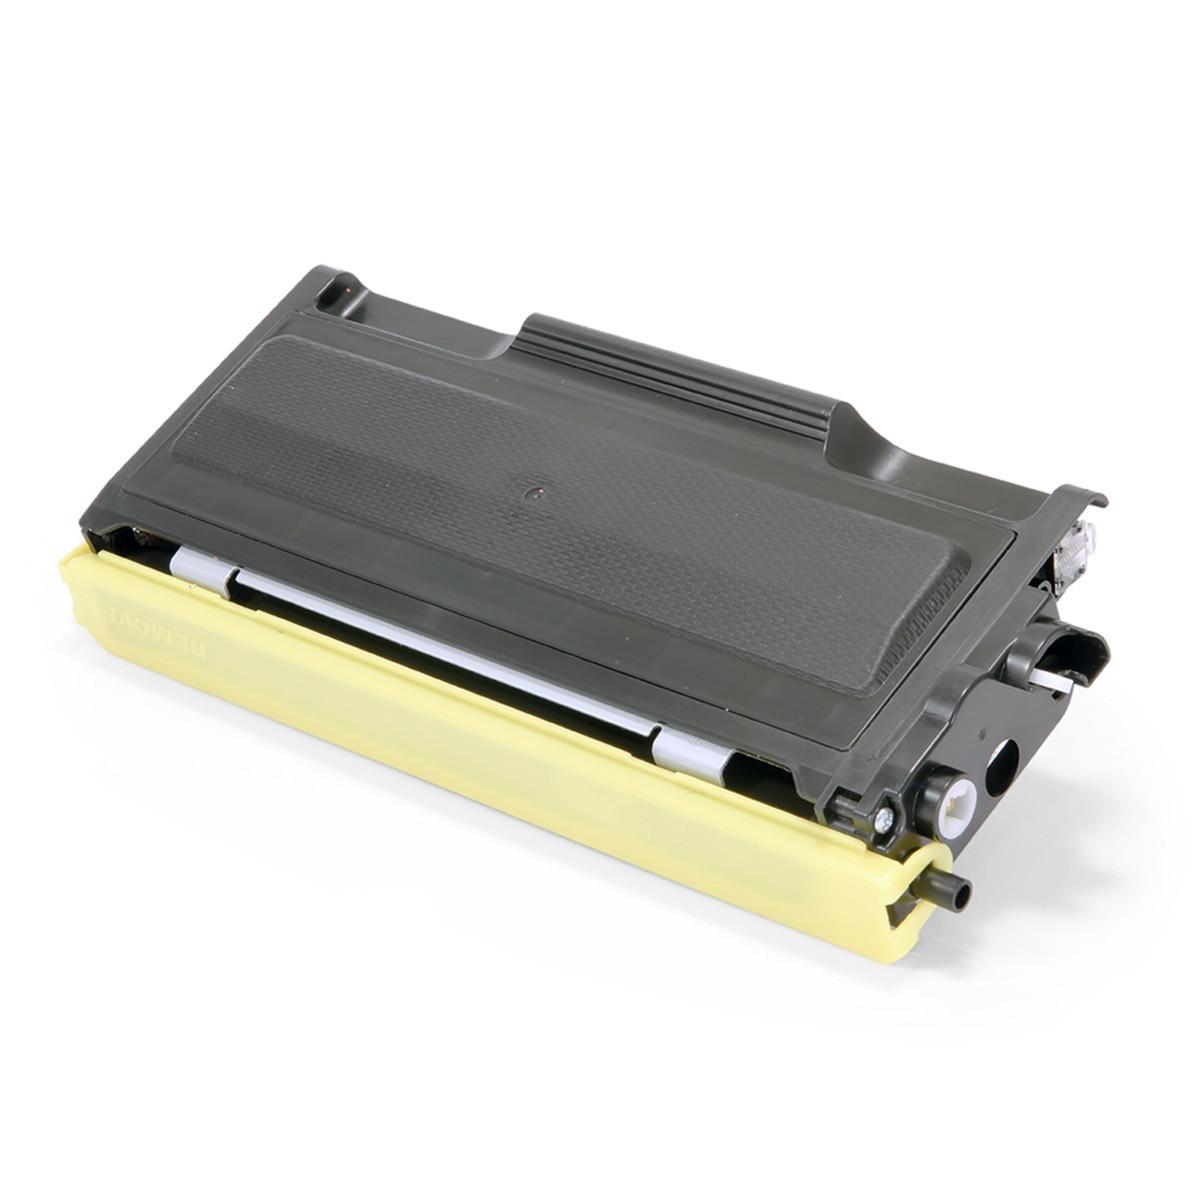 Toner Compatível Brother TN350 | DCP7010 HL2040 HL2070N MFC7220 MFC7225N 2820 | Evolut 2.5k